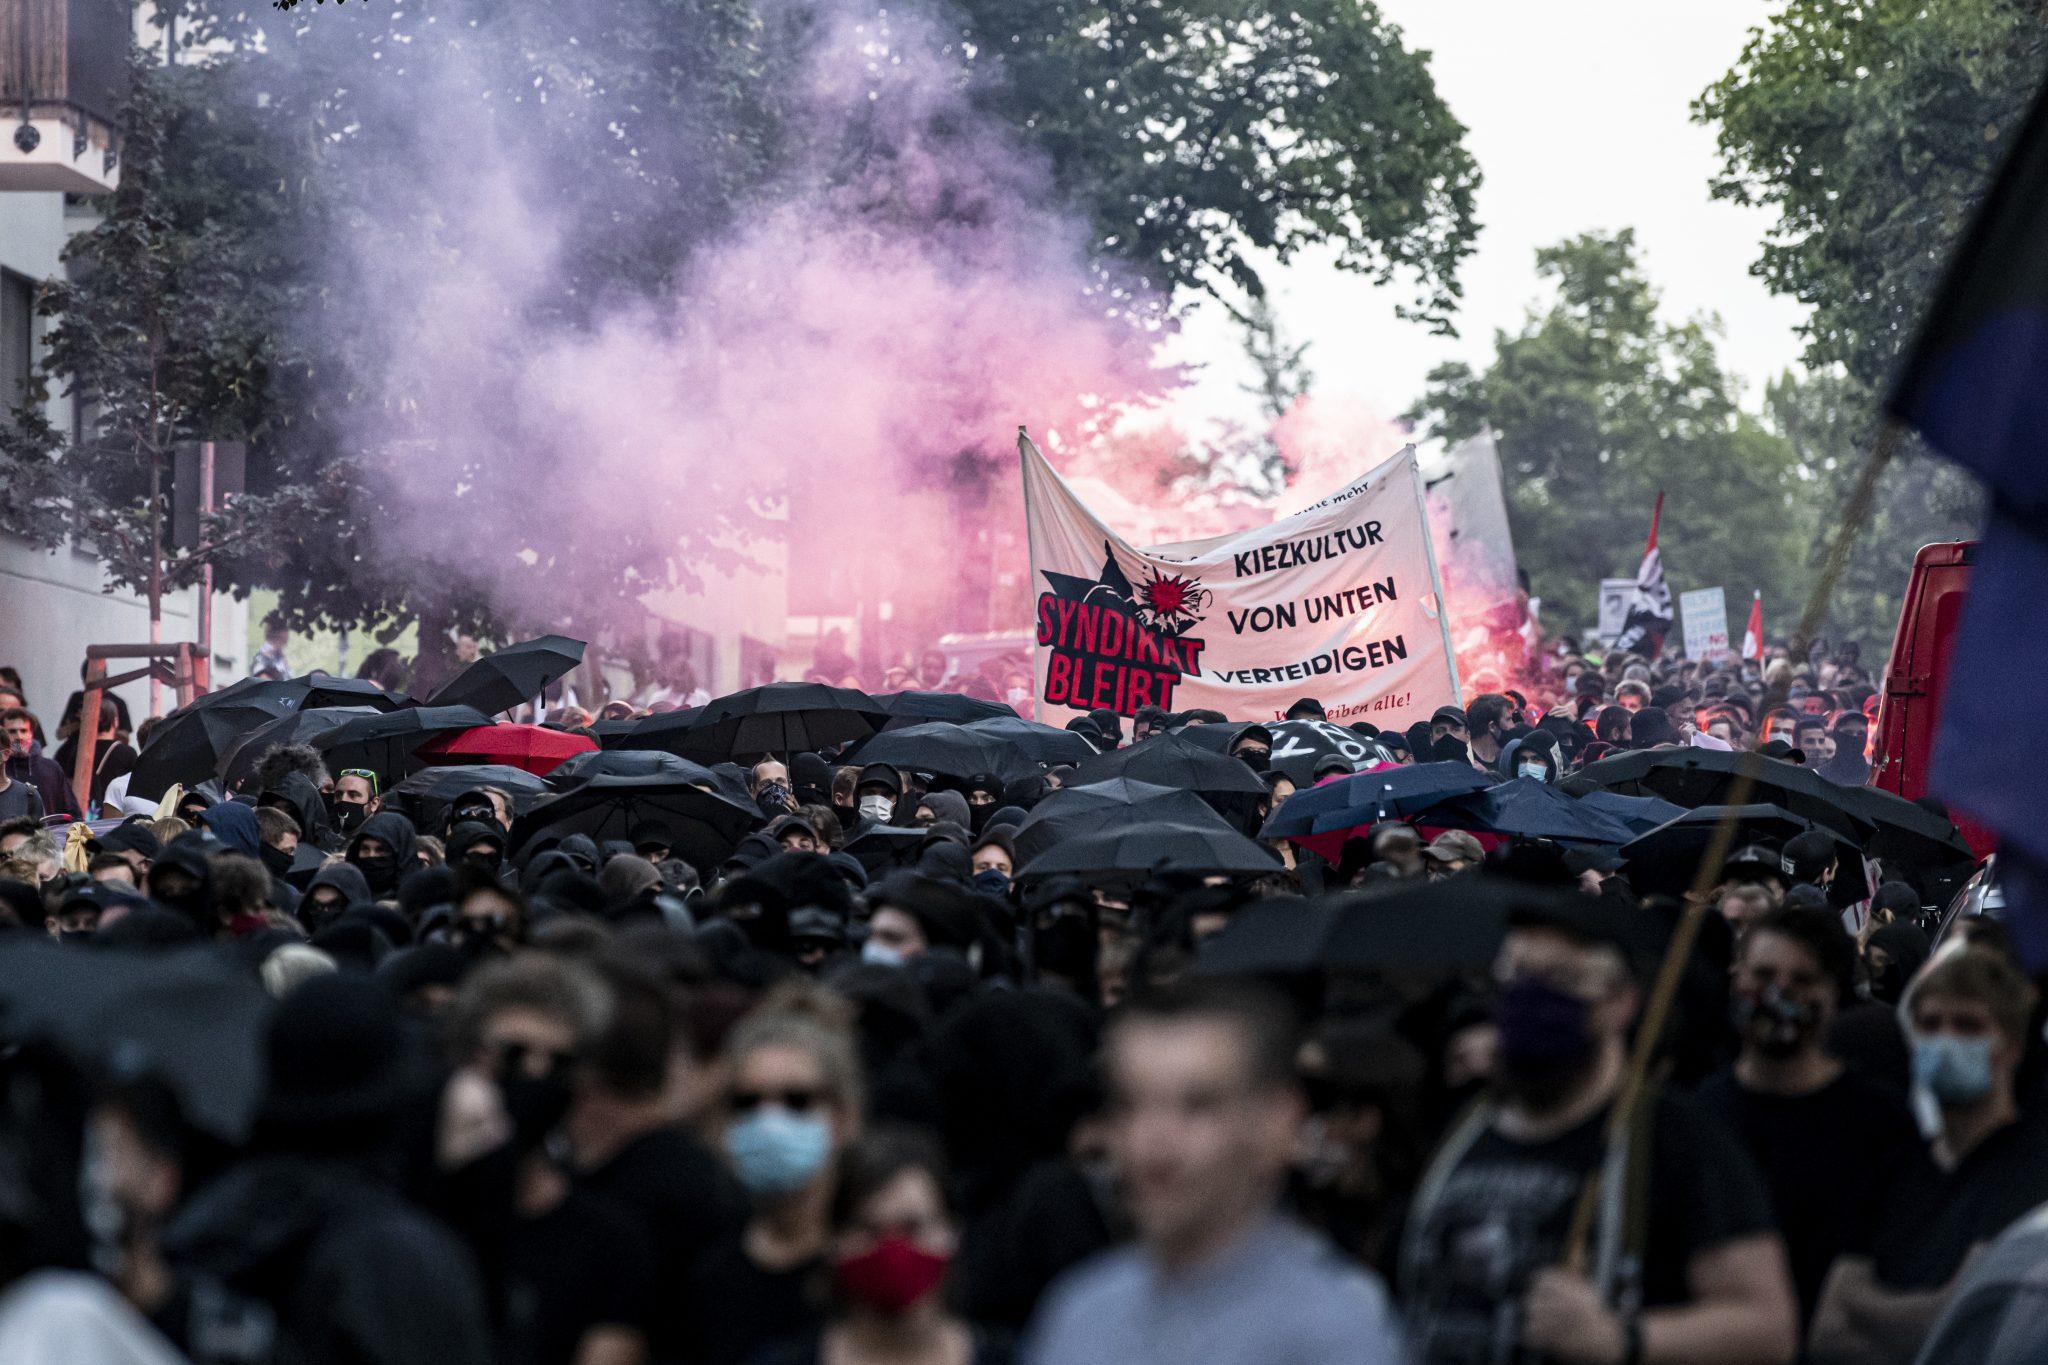 Linksradikale demonstrieren in Berlin gegen die Räumung ihres Treffpunktes Foto: picture alliance/Fabian Sommer/dpa